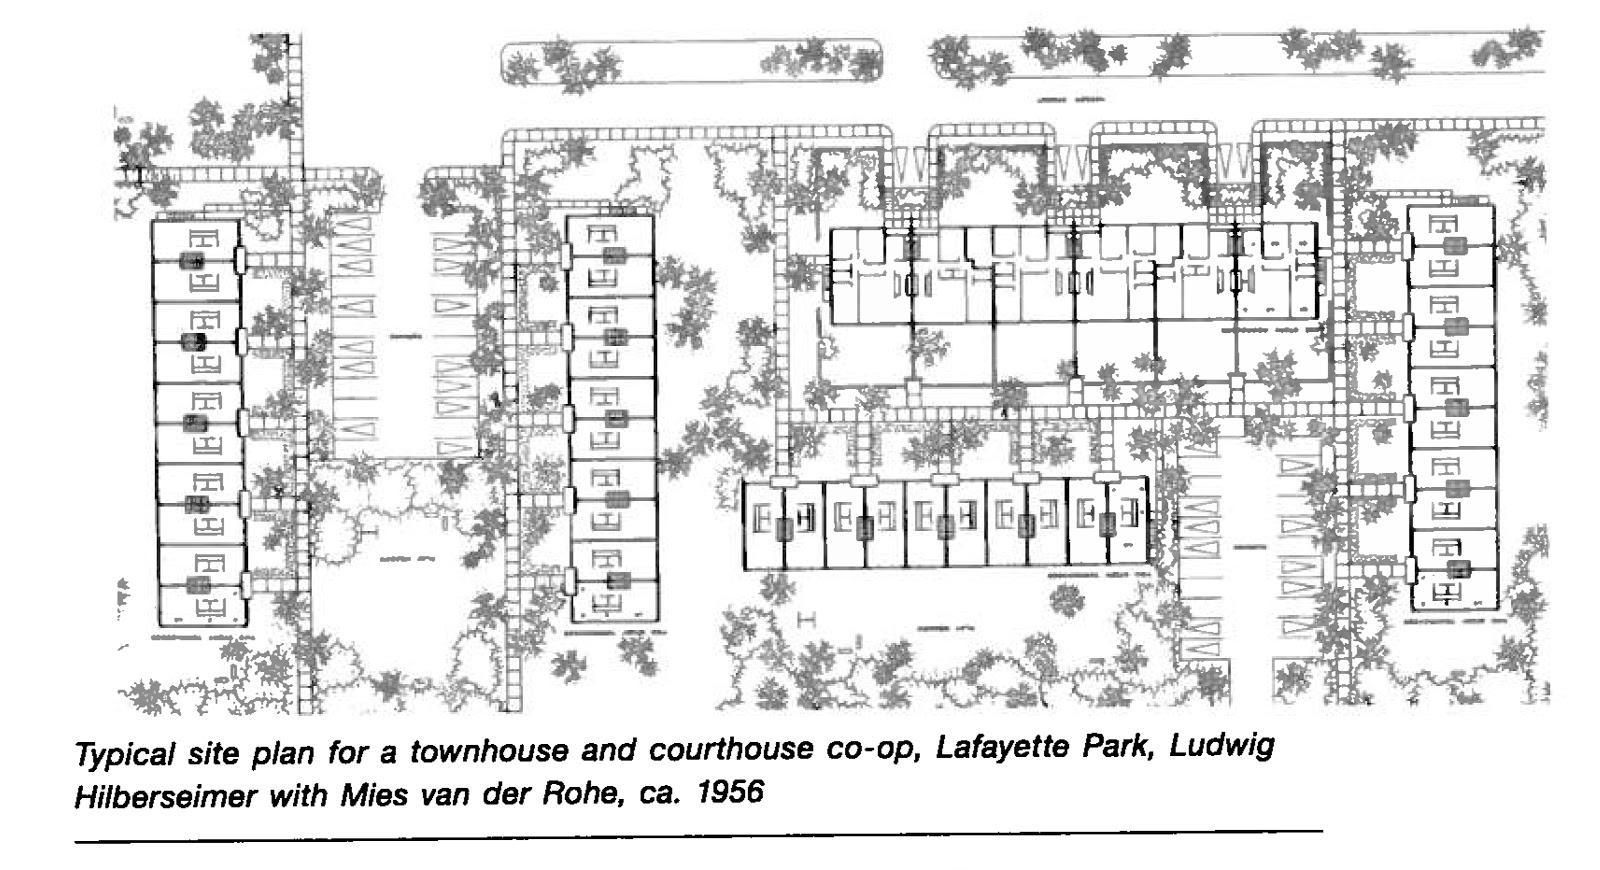 camper jacks wiring diagram